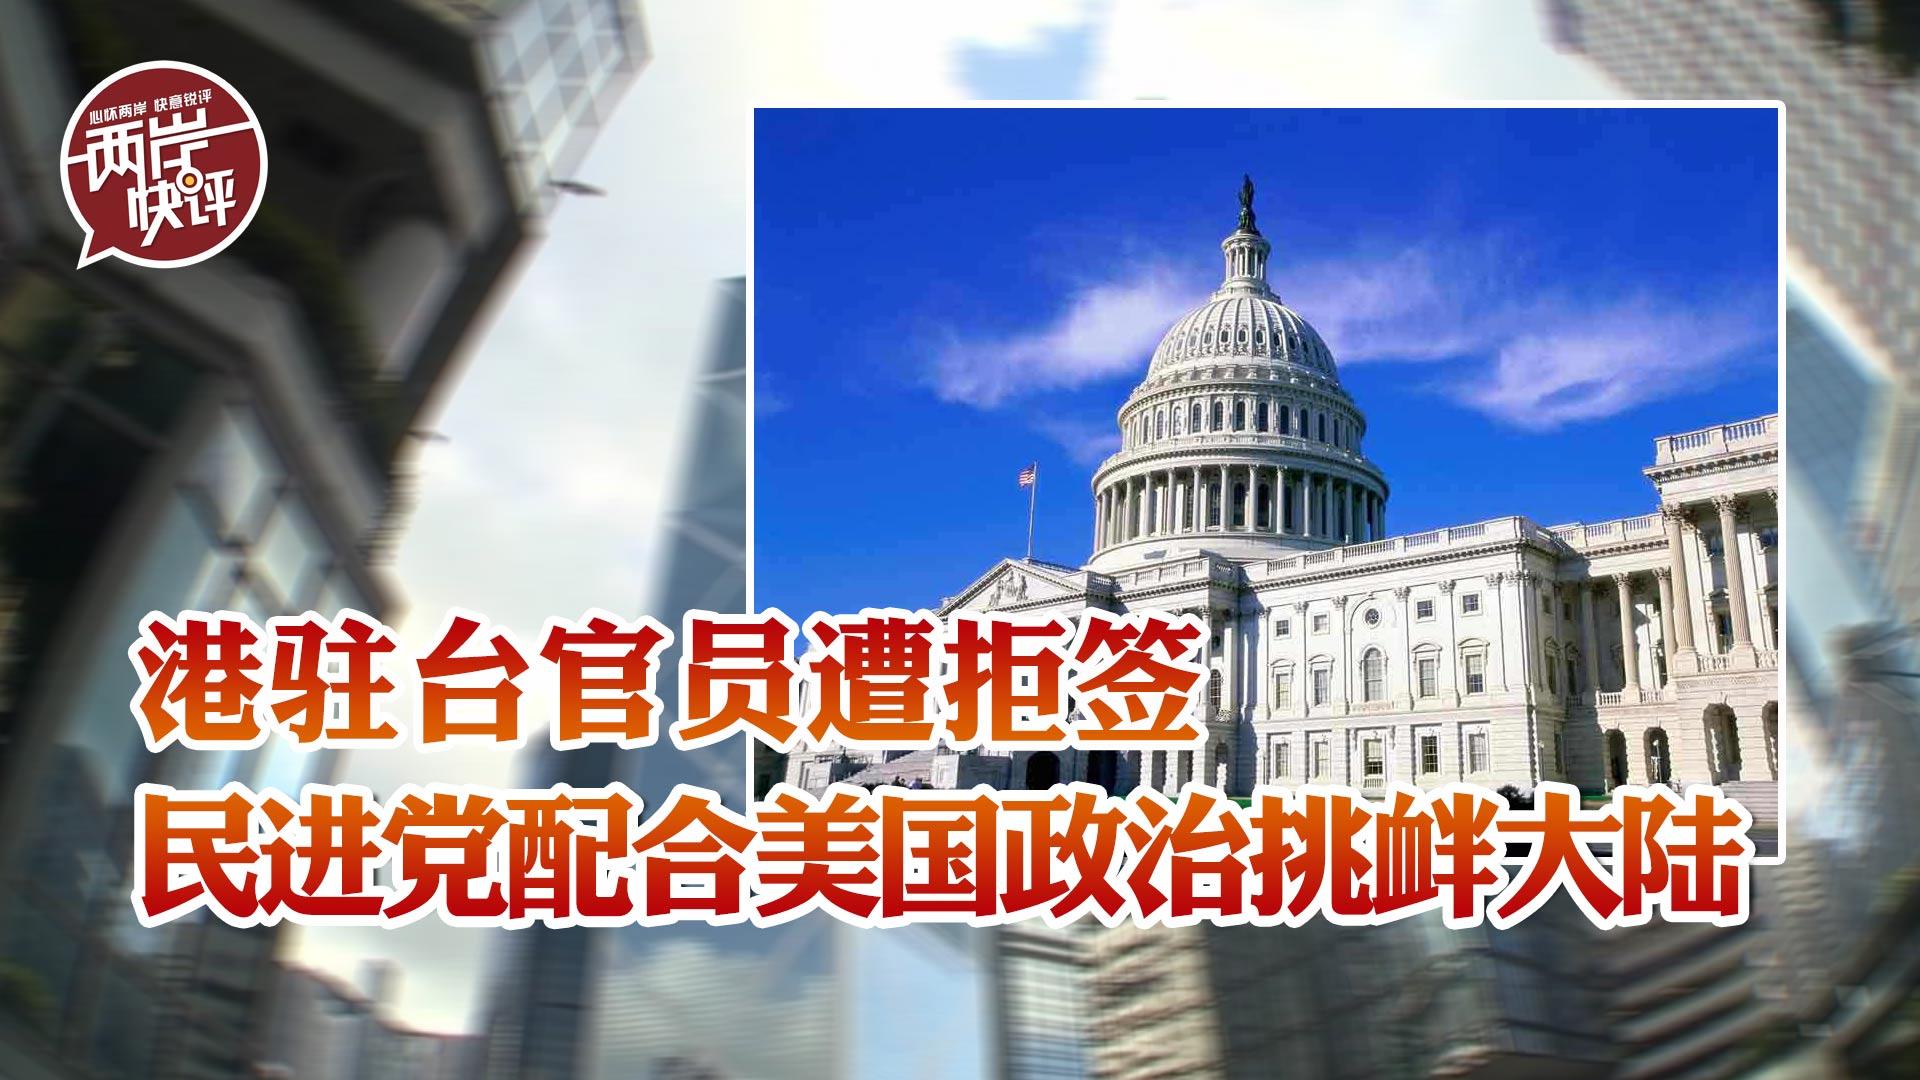 港駐臺官員遭拒簽,民進黨當局配合美國政治挑釁大陸圖片